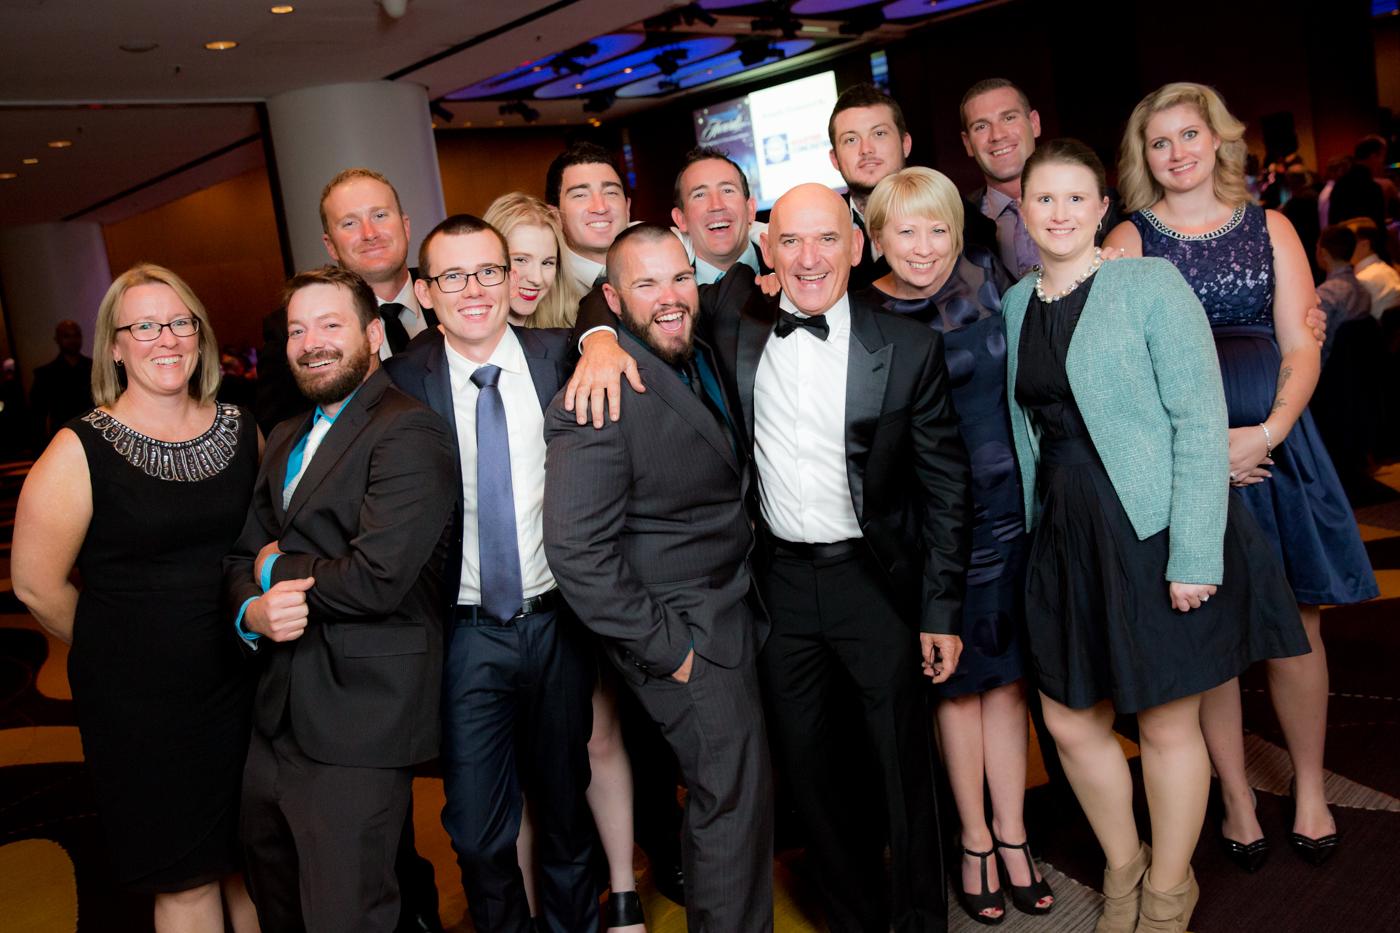 186-MCAQ Awards 06_06_2015 web res-BC2D5457.jpg